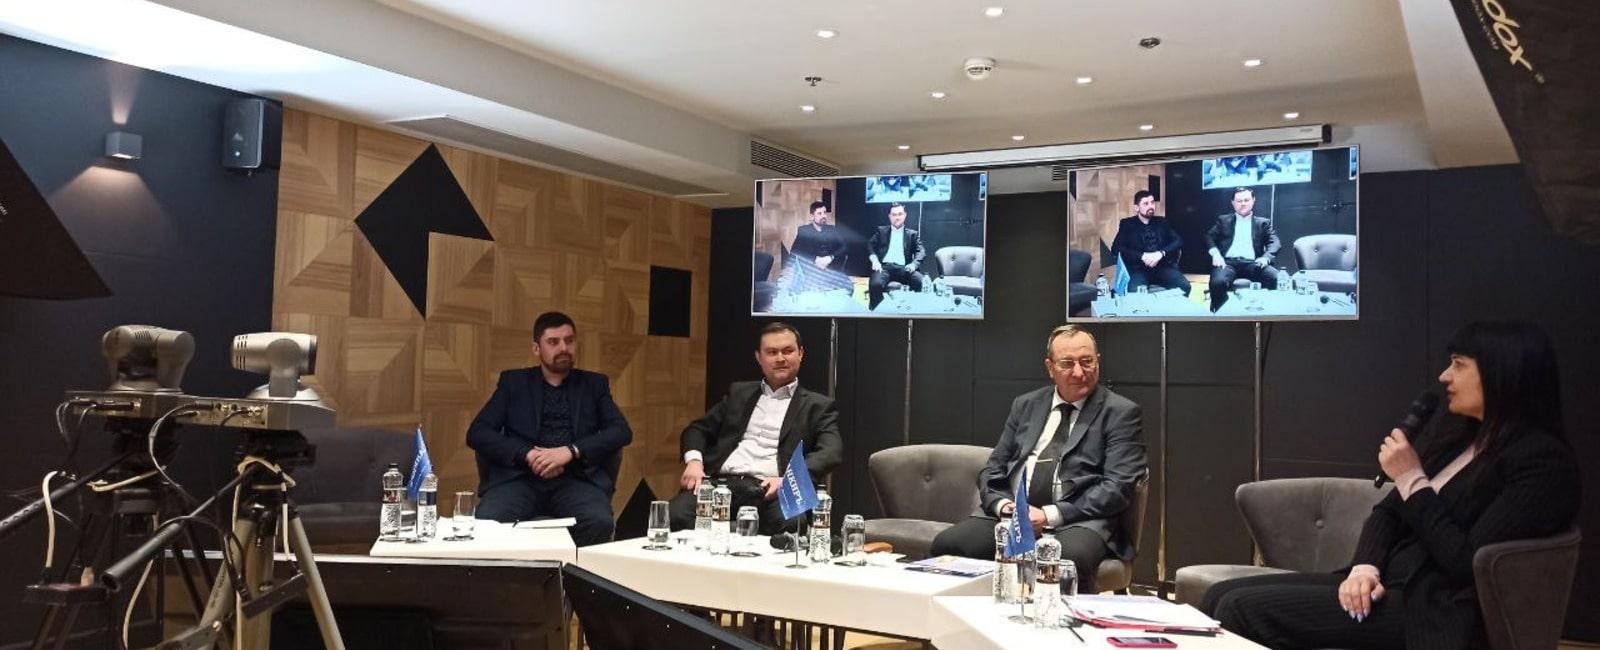 EDIN вместе с ТАСКОМБАНК рассказал о е-факторинге на Конференции Go Digital